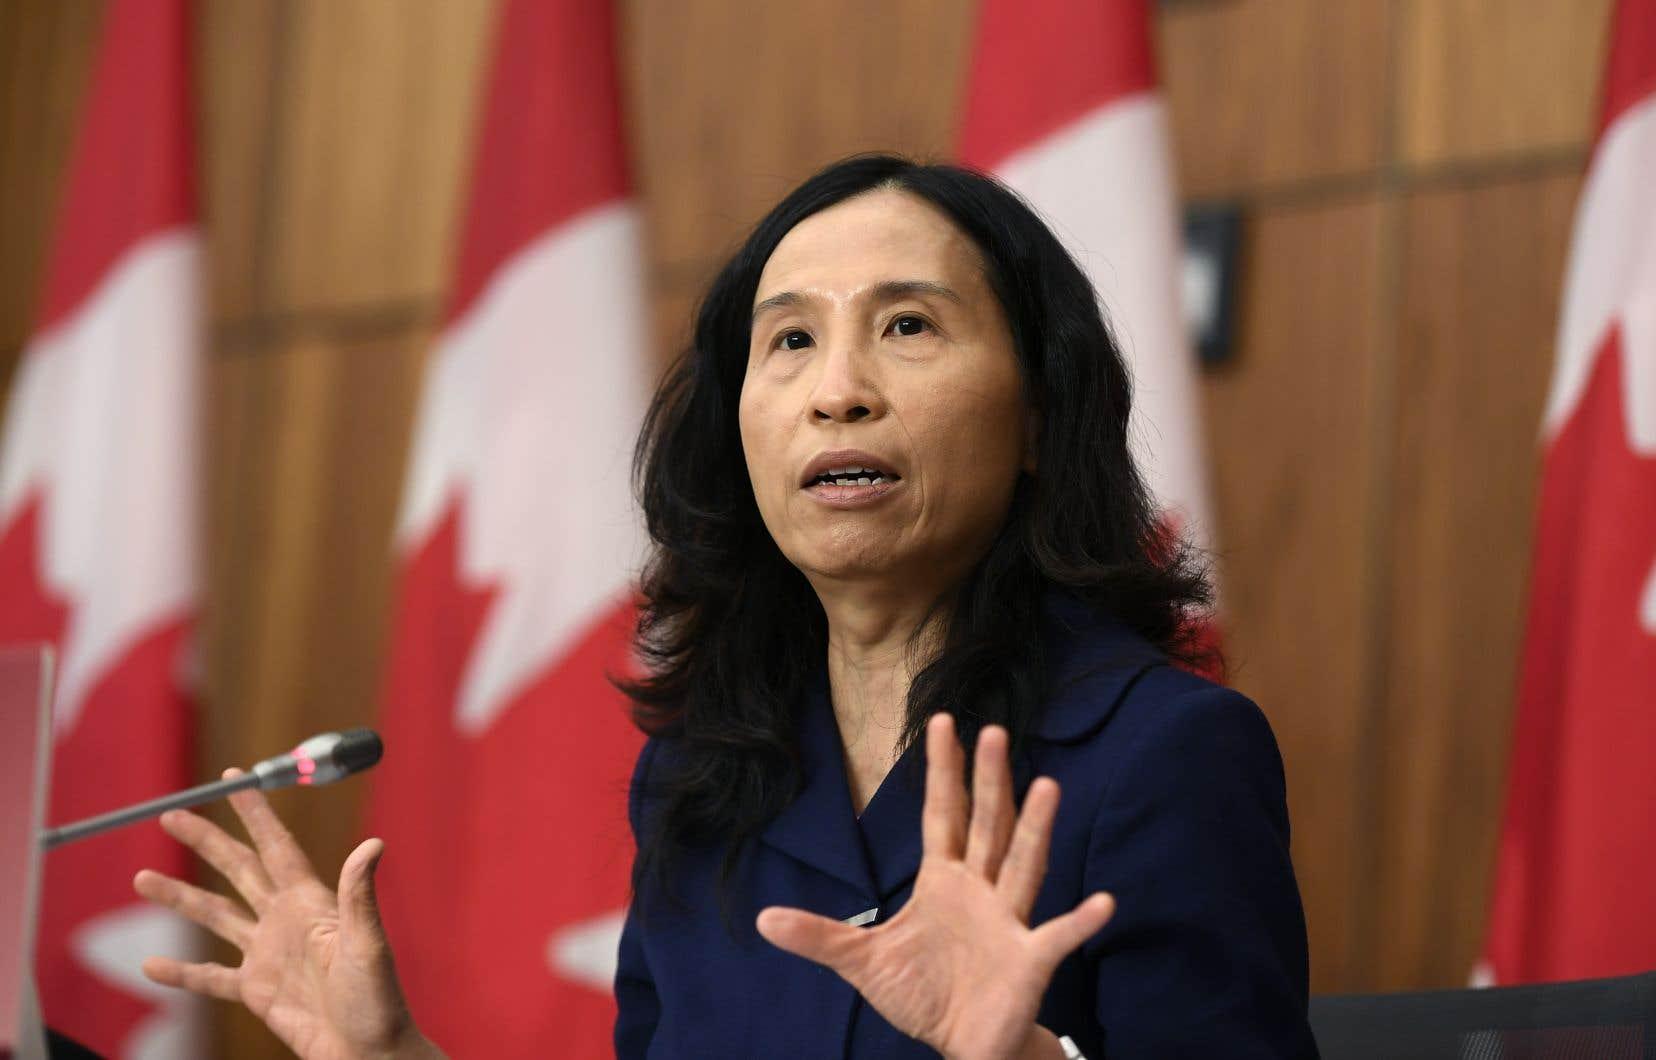 La DreTheresa Tam a écrit sur Twitter que les Canadiens doivent demeurer prudents, car les variants du coronavirus, beaucoup plus contagieux, peuvent «être n'importe où».